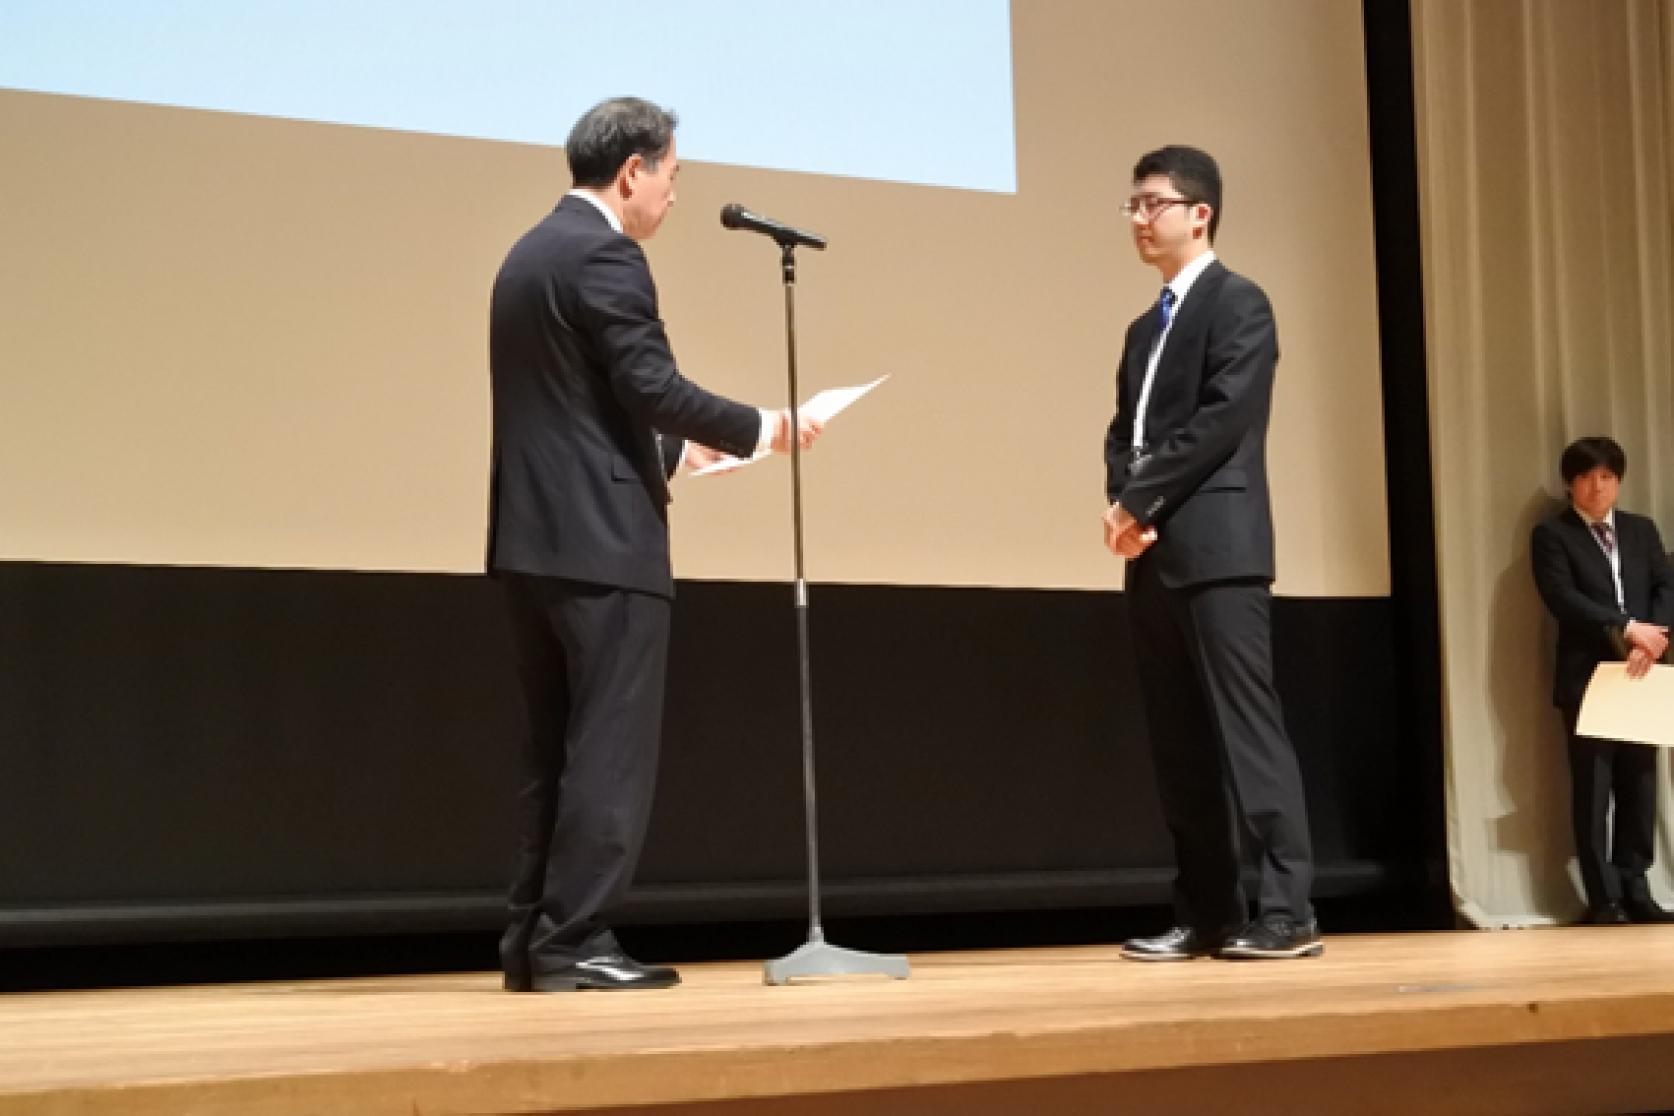 精密機械工学専攻の学生及び教員が「電気学会 センサ・マイクロマシン部門総合研究会」にて、優秀論文発表賞を受賞しました。